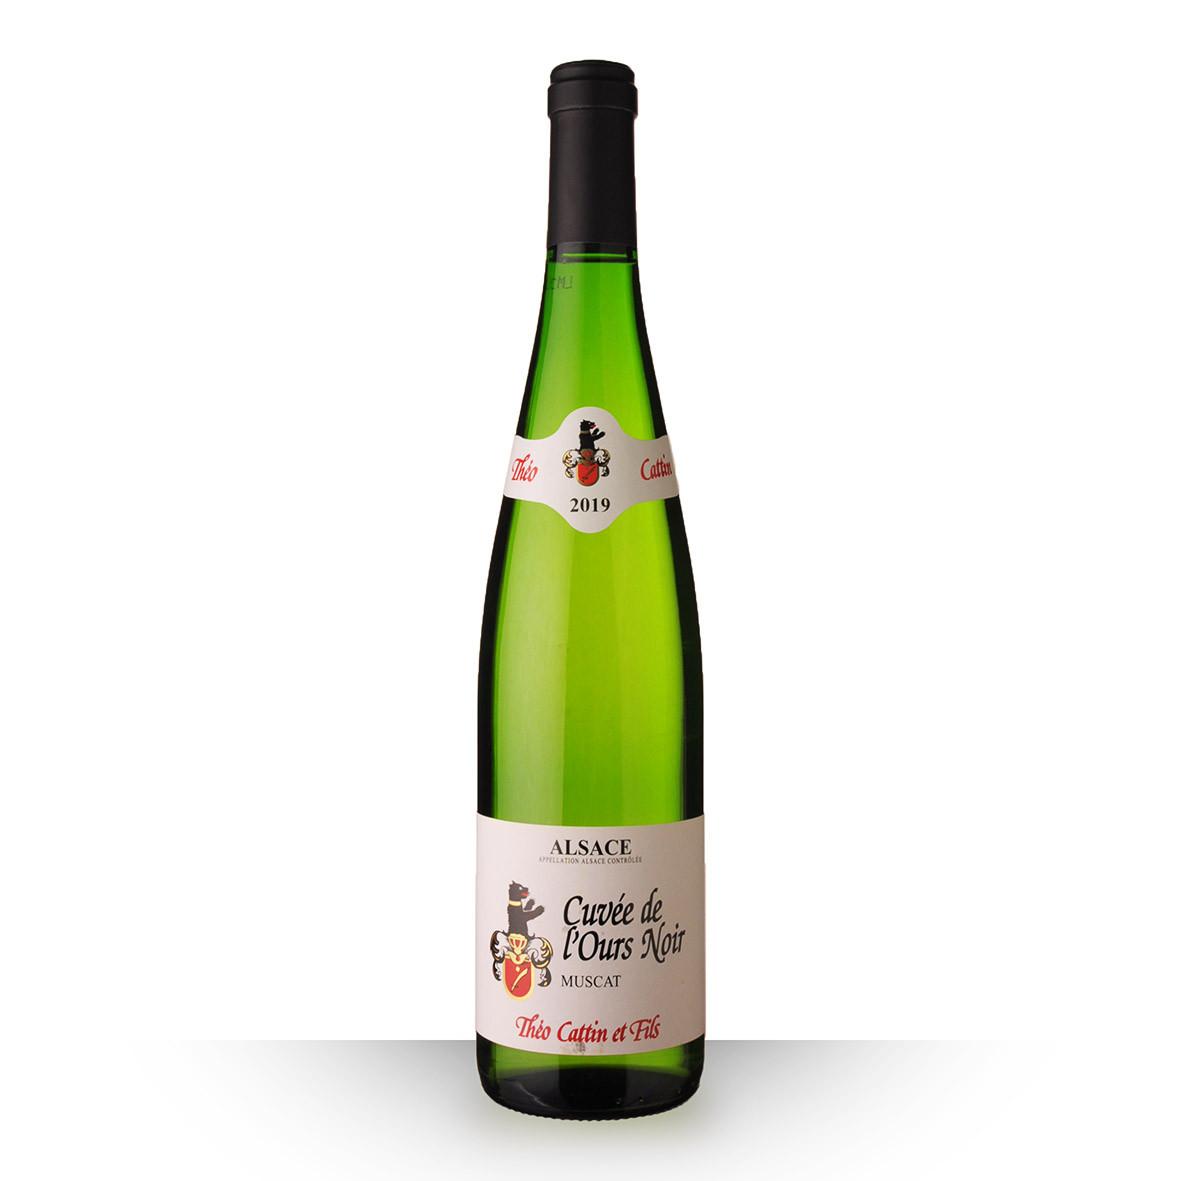 Théo Cattin Cuvée de lOurs Noir Alsace Muscat Blanc 2019 75cl www.odyssee-vins.com